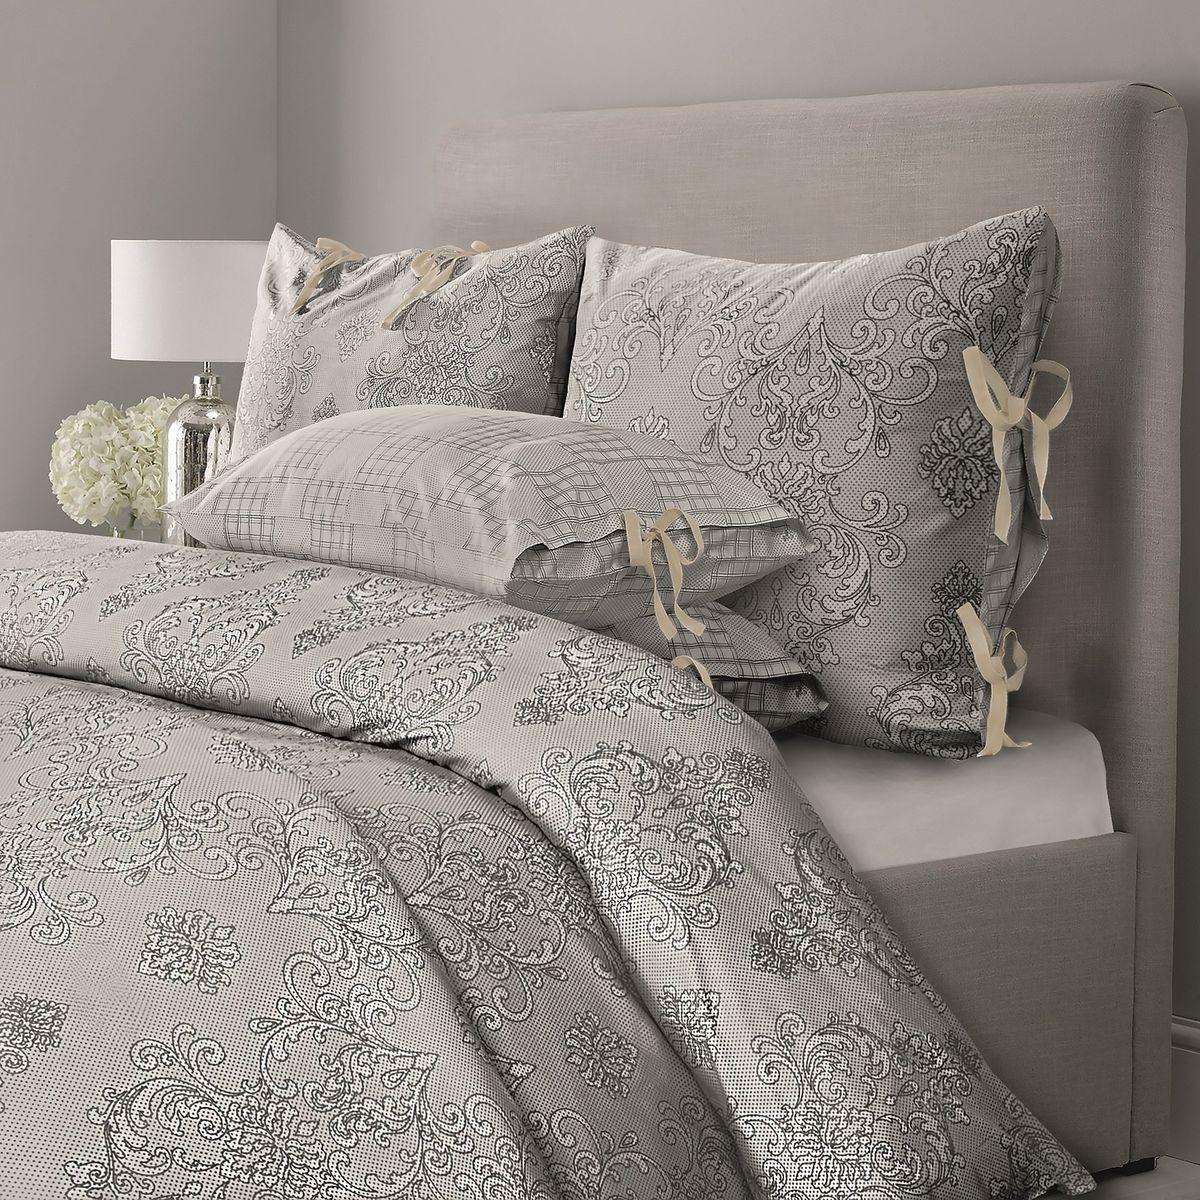 Комплект белья Mona Liza Chalet, евро, наволочки 50x70, цвет: грозовой синий5759/2Комплекты постельного белья, подушки и одеяла выполнены в современном евростиле. Лаконичность рисунка, сдержанный колорит, элегантность, легкость и благородство — вот основные отличия CHALET. Трендовые полутона действуют расслабляющее и умиротворяюще, Ваш интерьер получится мягким, теплым, «припудренным», в нем будут царить уют и спокойствие.